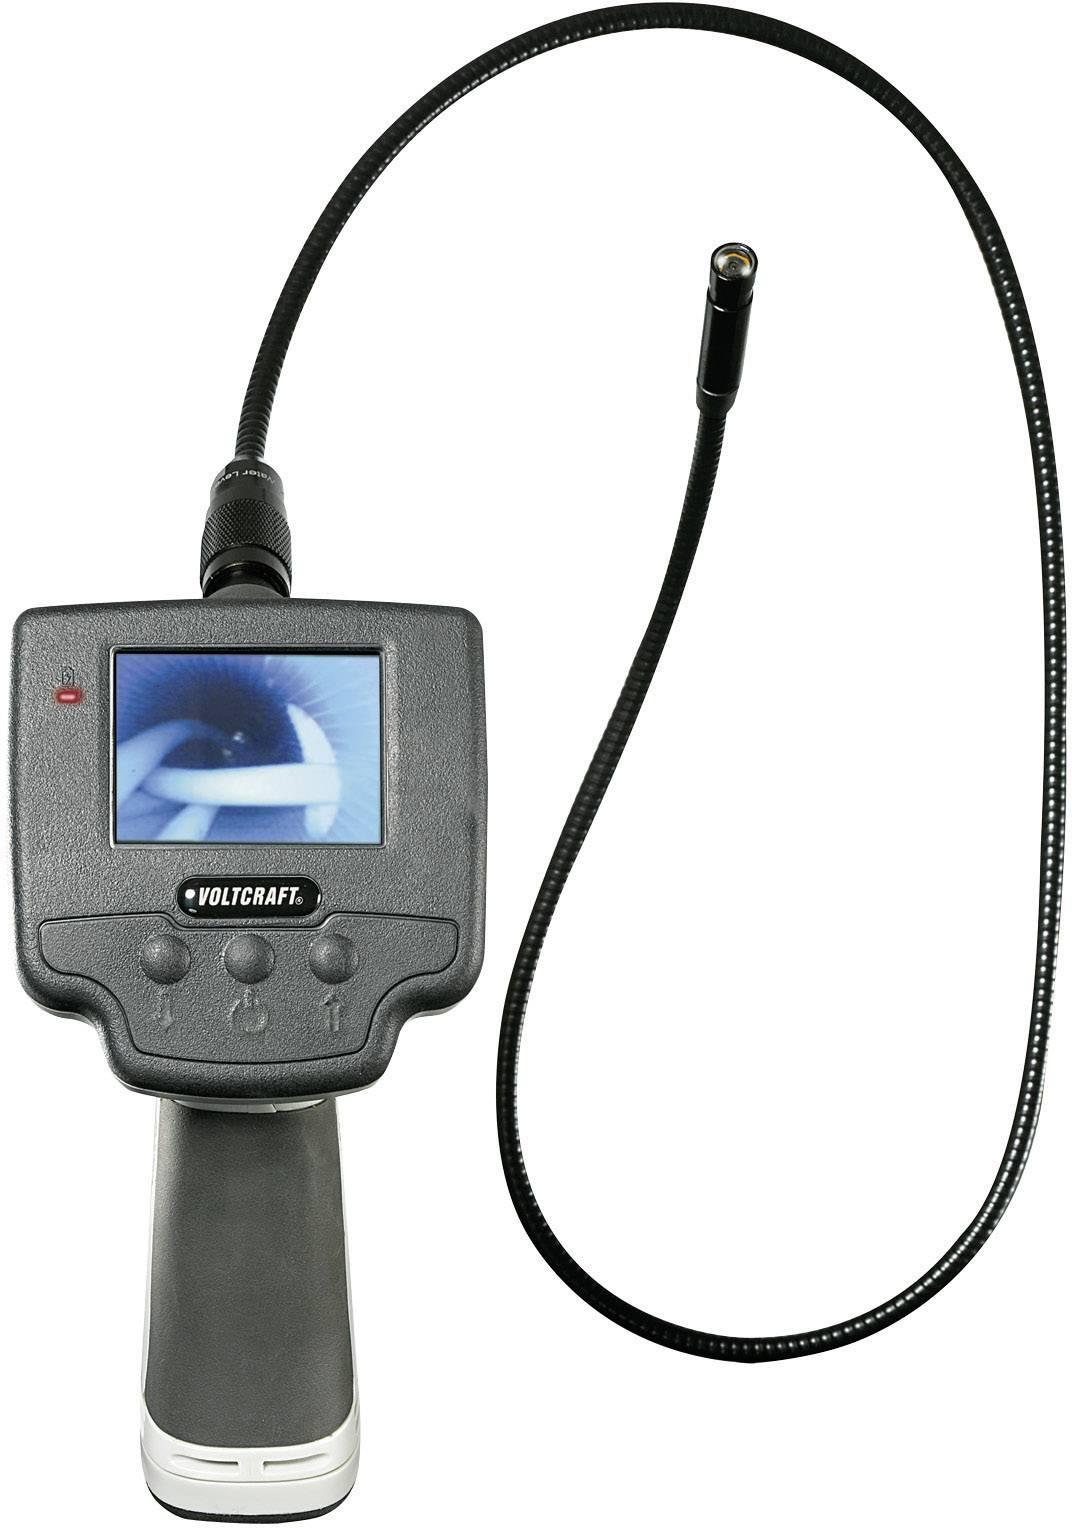 Vodotěsný endoskop VOLTCRAFT BS-100XIP, Ø sondy 9.8 mm, délka sondy 88 cm, IP67